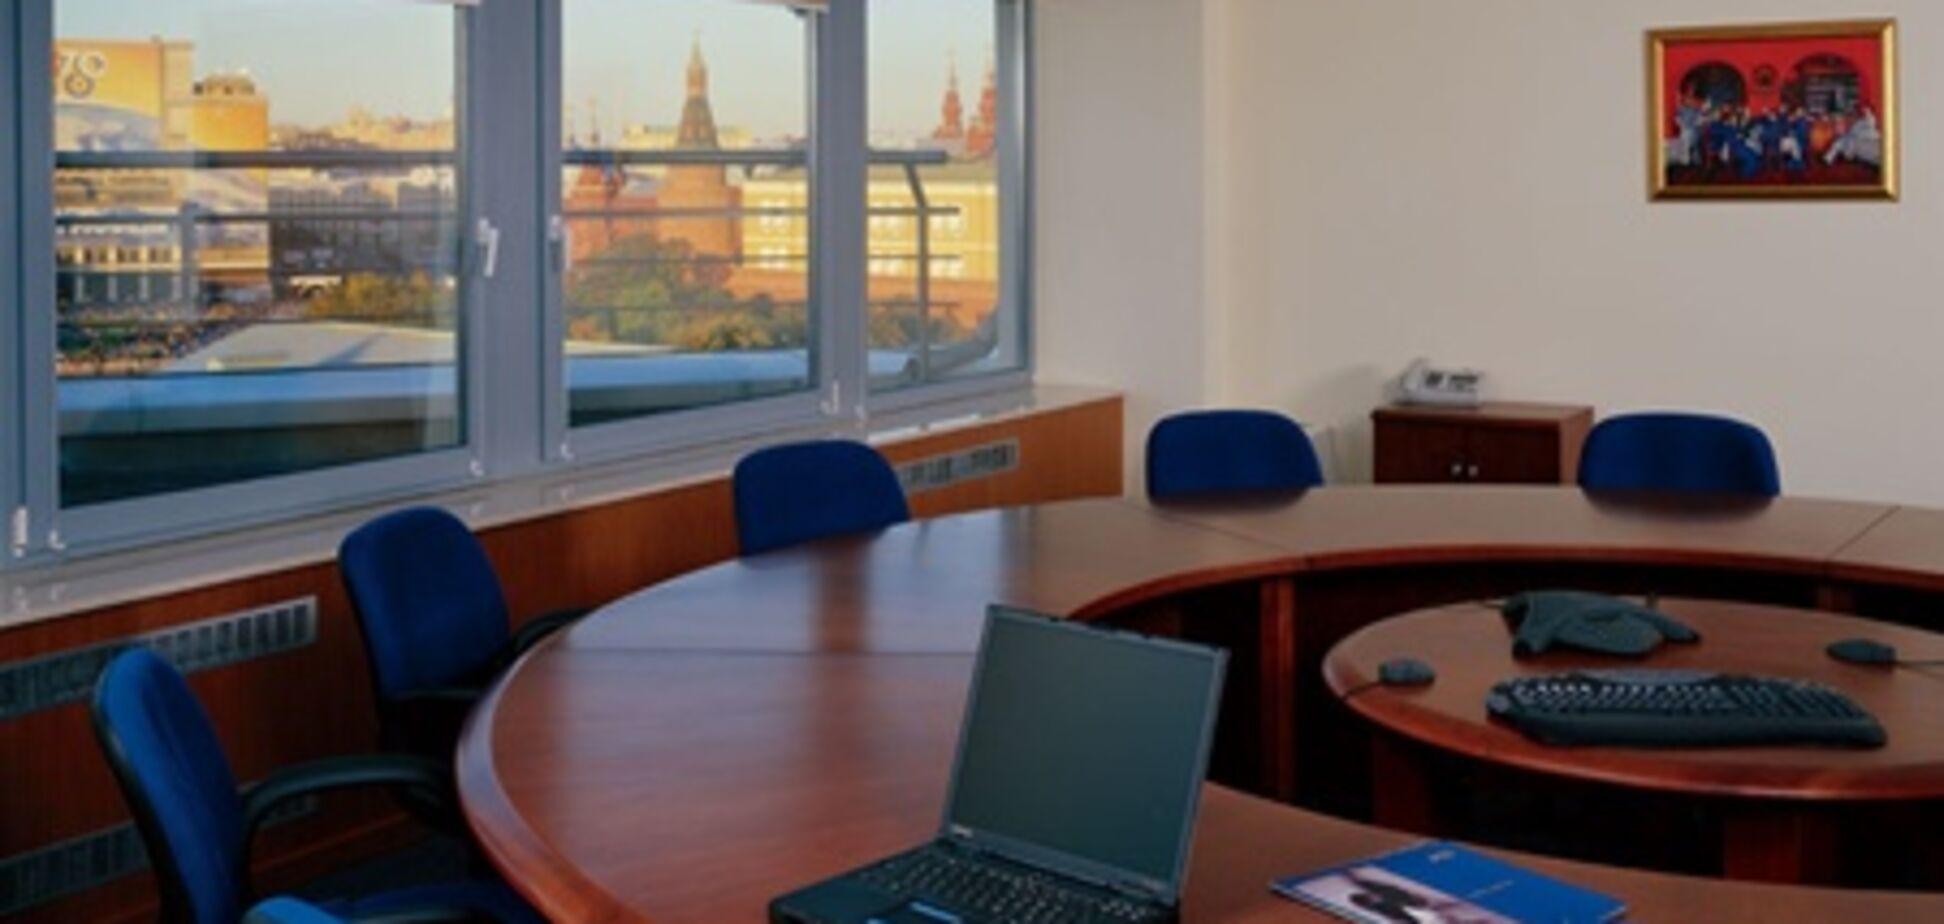 Арендные ставки по офисной недвижимости в Киеве в  2011 году выросли на 4, 5%